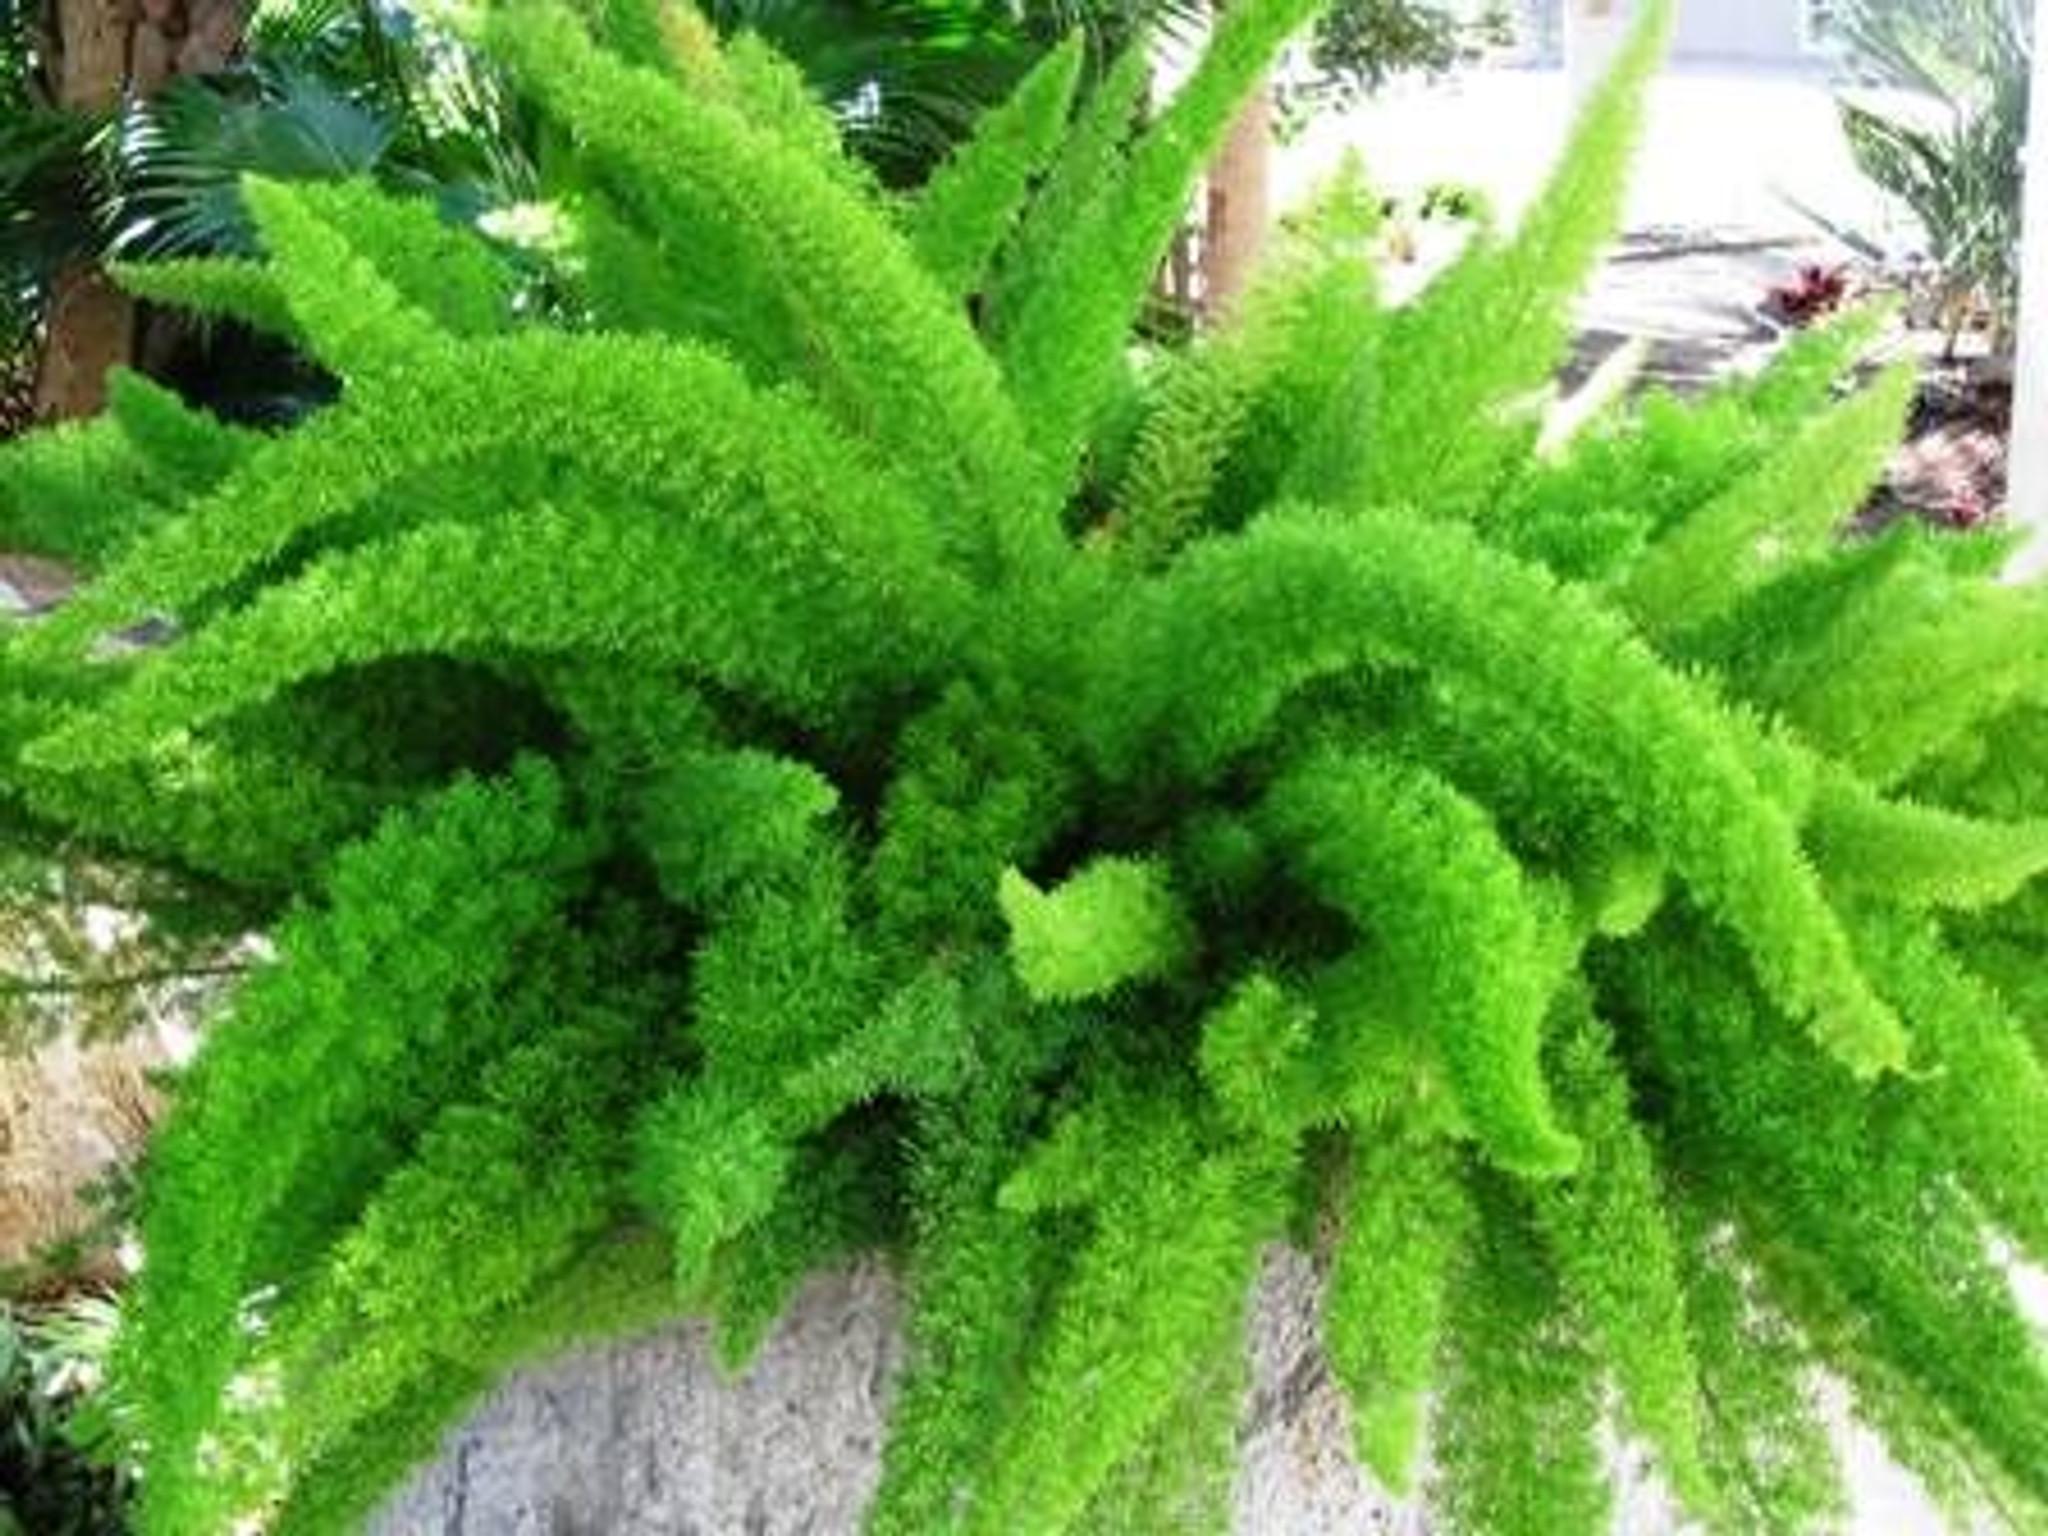 Foxtail fern leaves